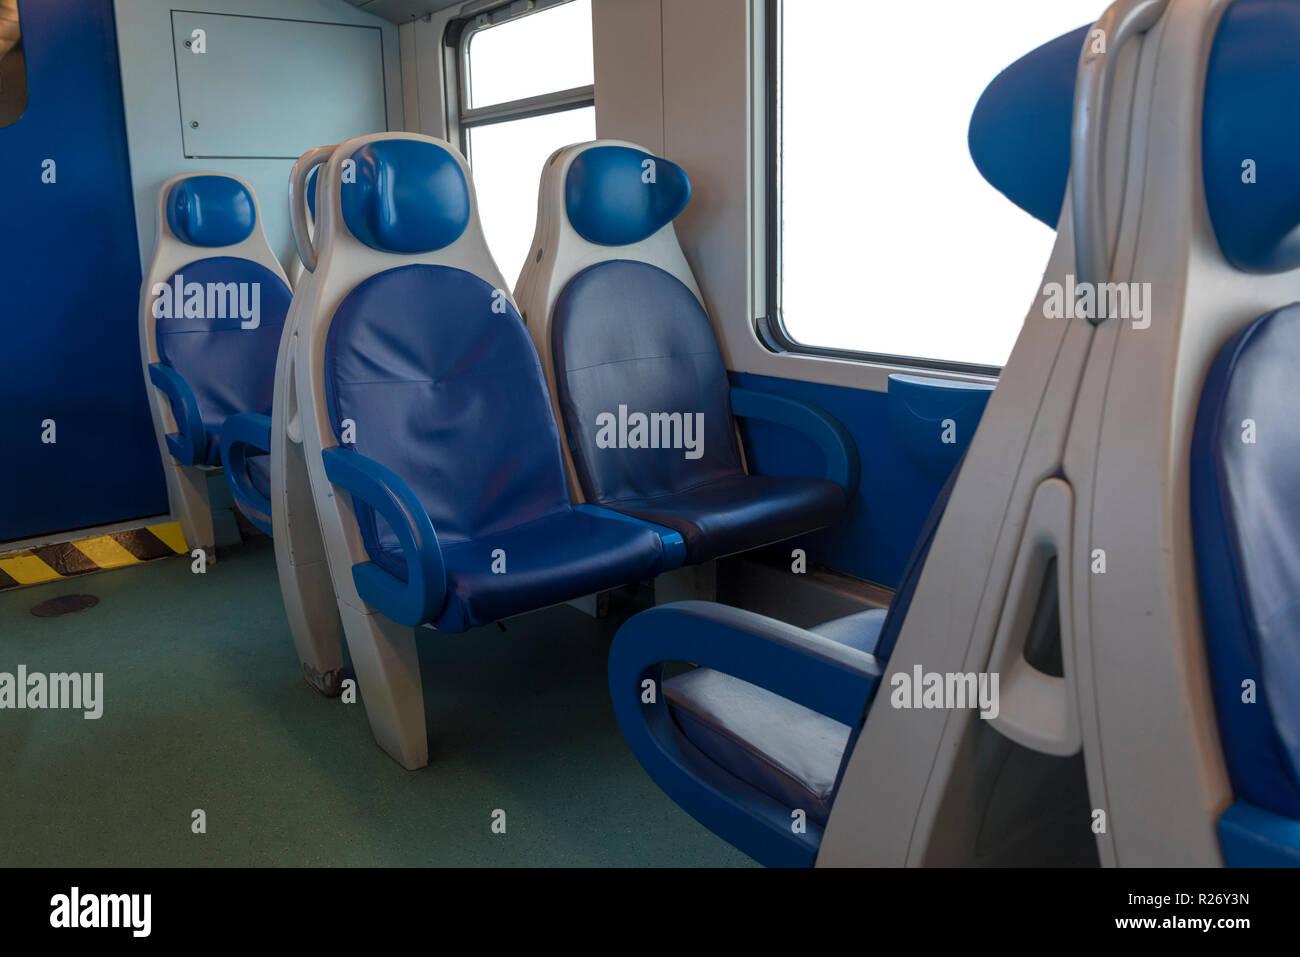 In der Kabine des modernen Express. Niemand in blauen Stühlen am Fenster. Unschärfe. Komfortable Stühle und Tisch im Vordergrund, weißer Hintergrund Stockbild